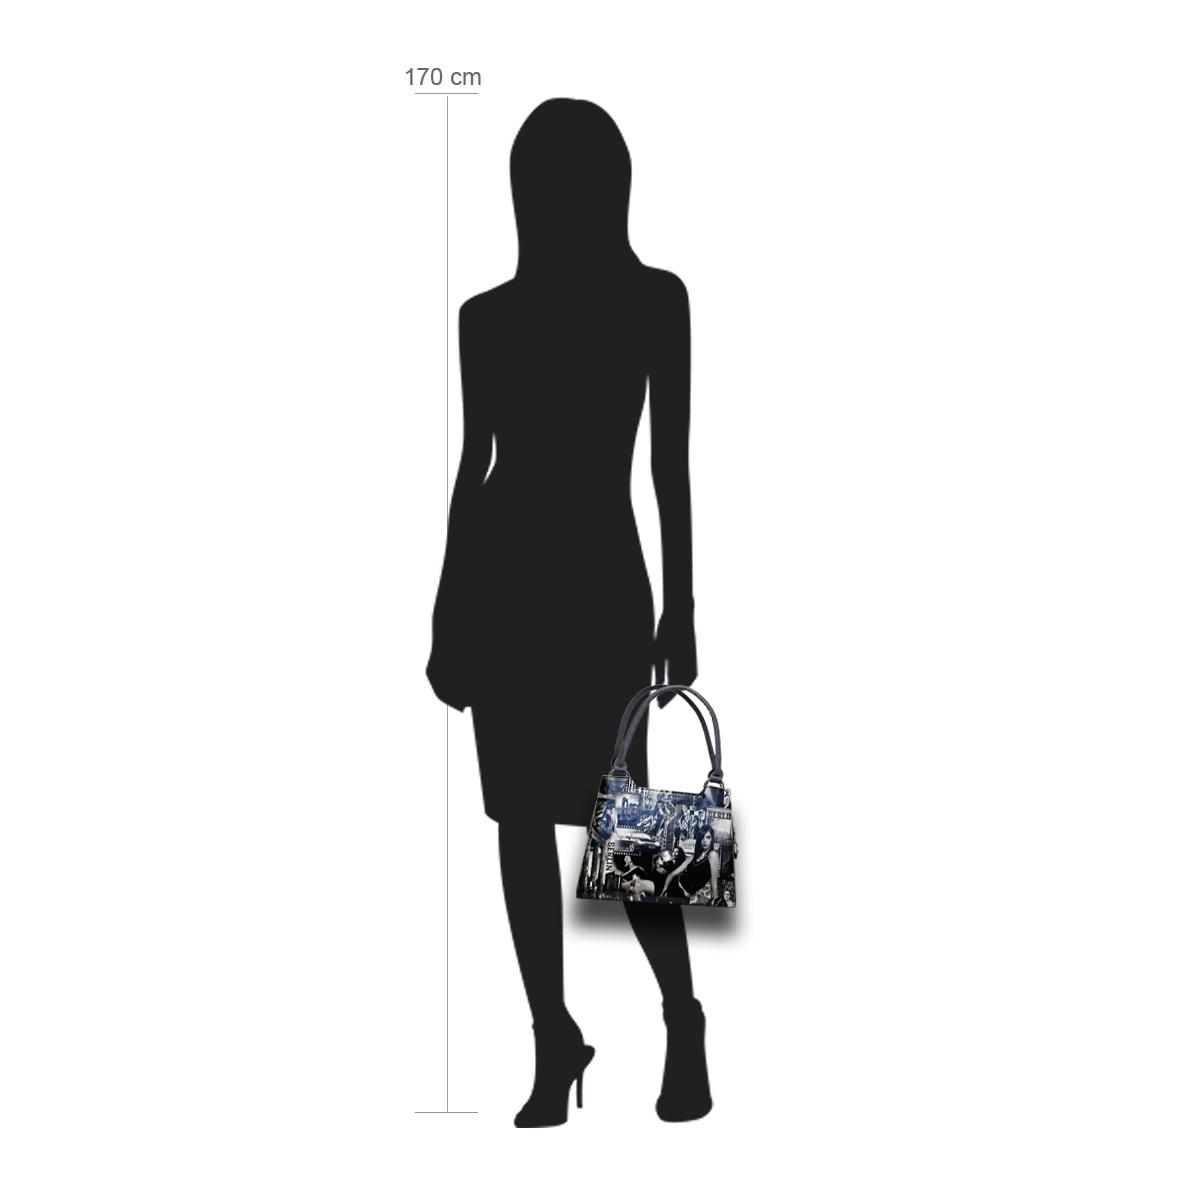 Modellpuppe 170 cm groß zeigt die Handtaschengröße an der Person Modell:Berlin